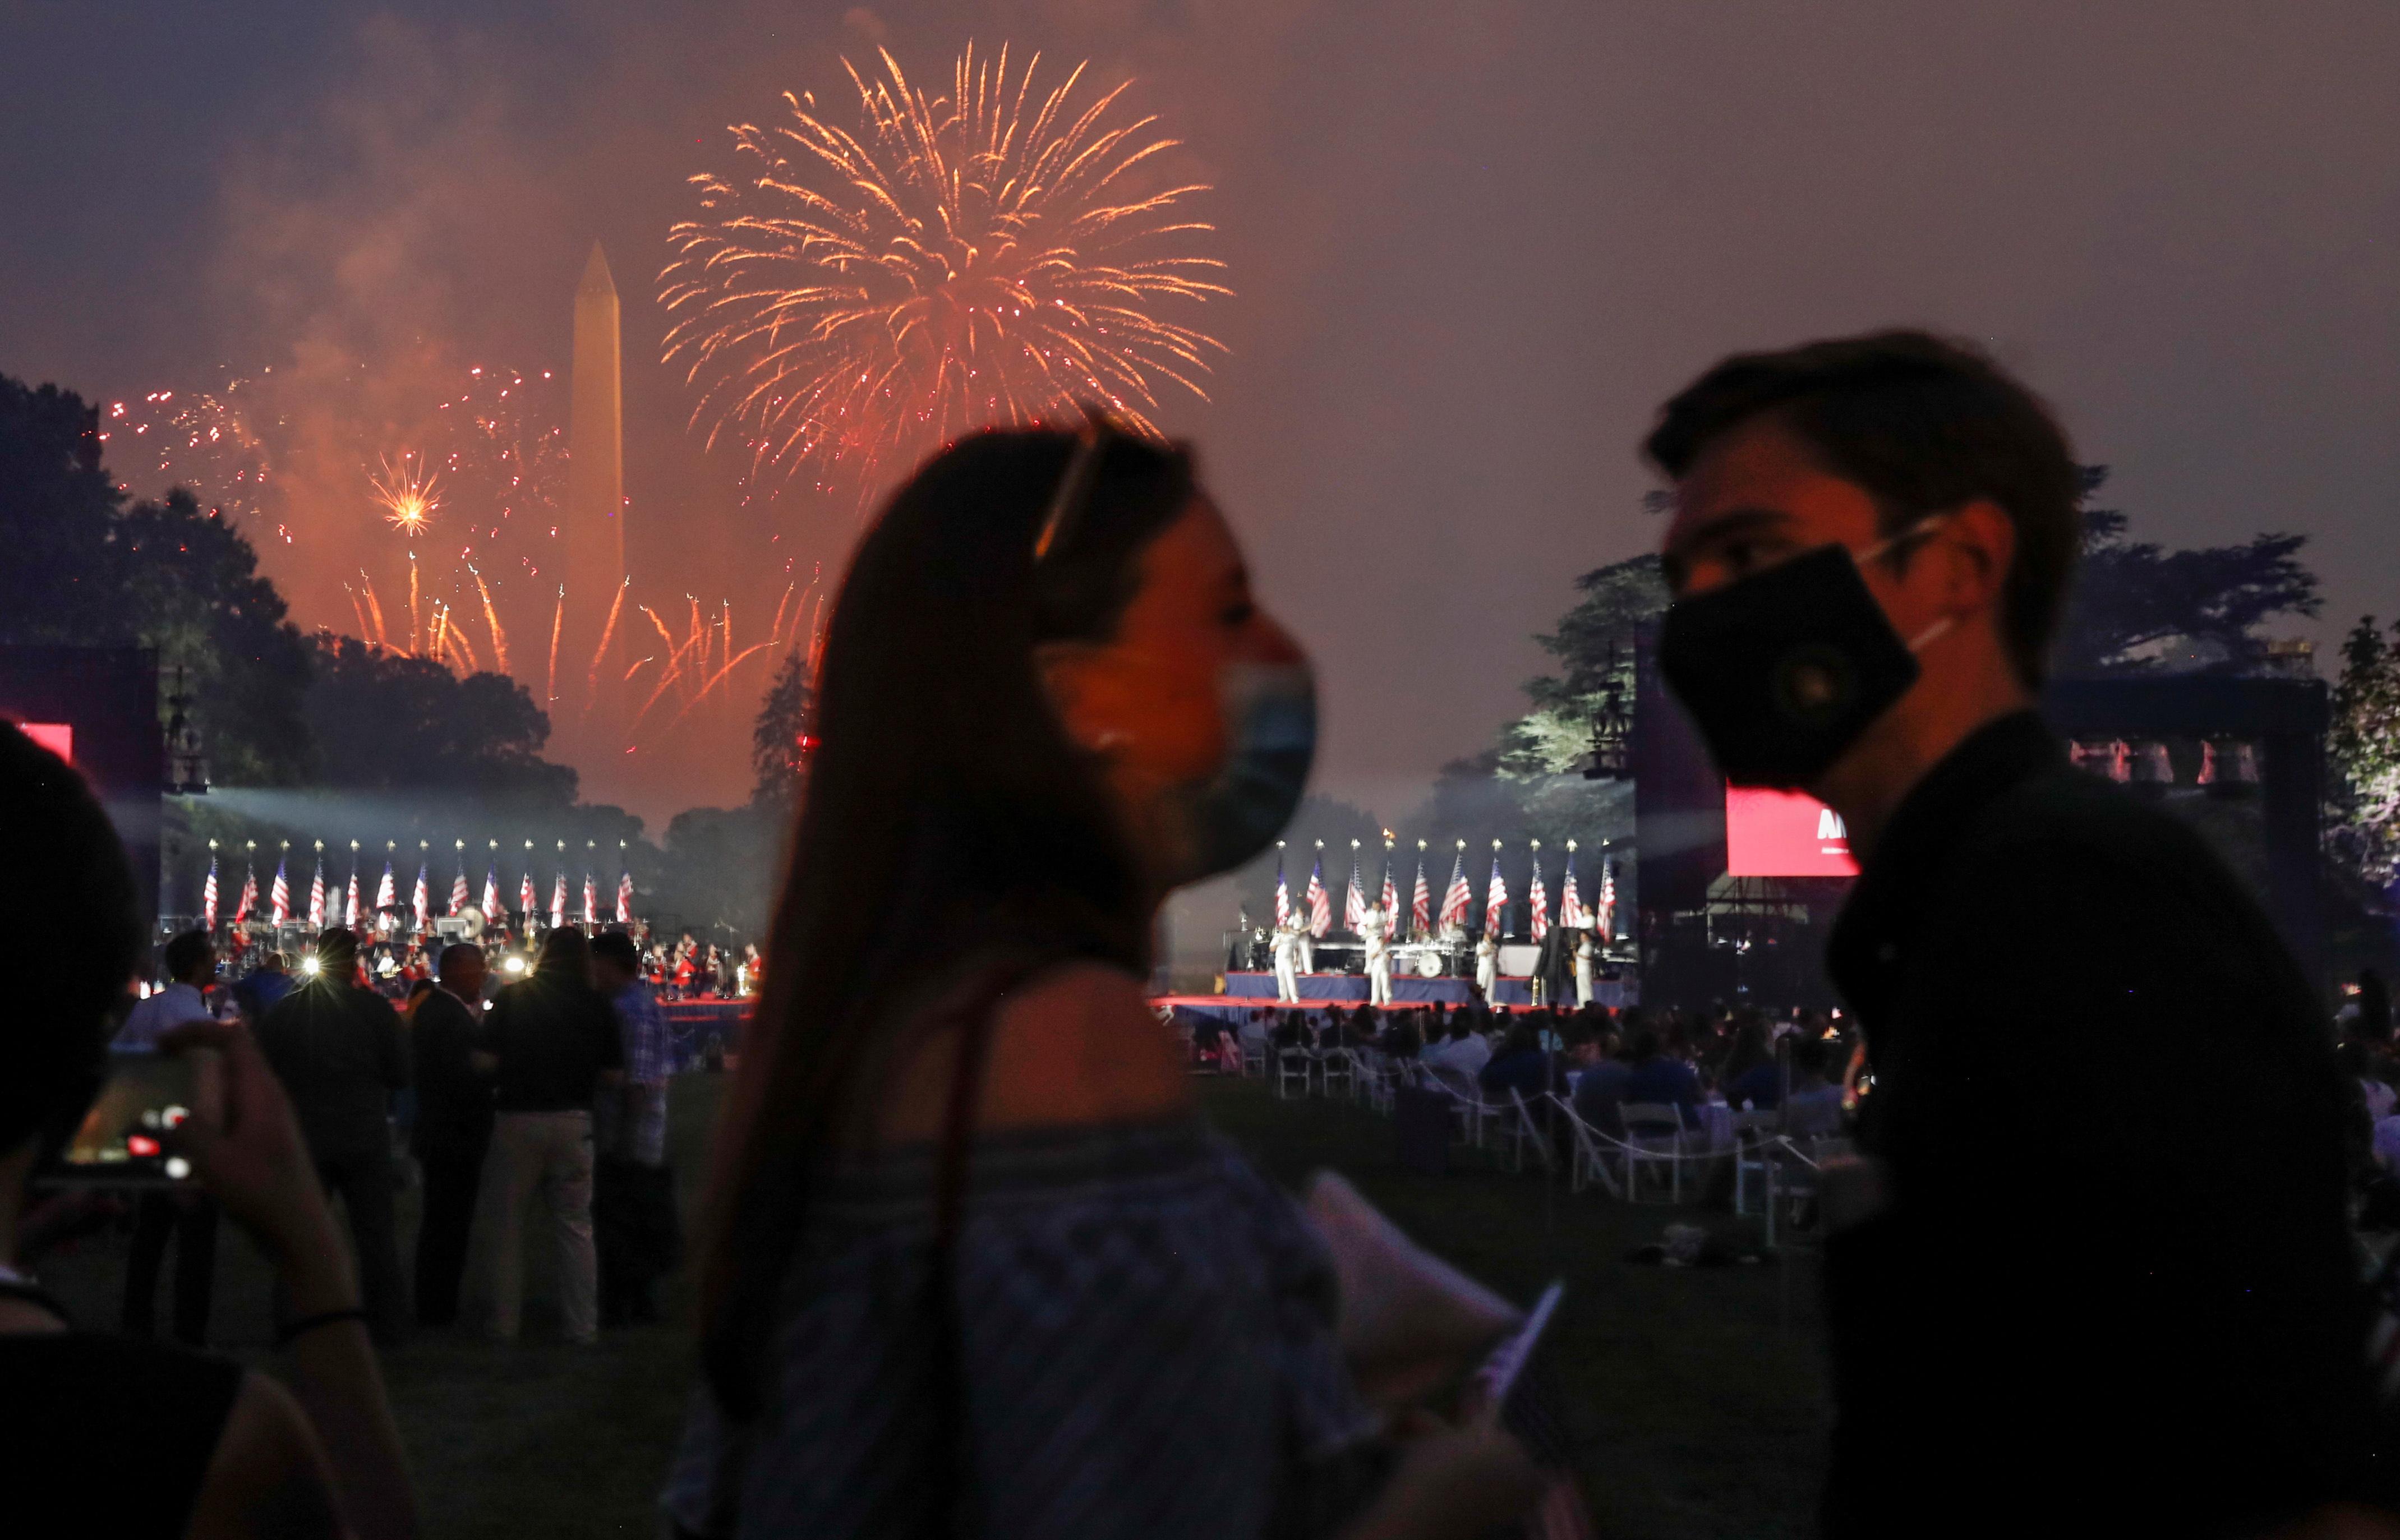 Una pareja posa para un en Washington mientras se pueden apreciar los fuegos artificiales